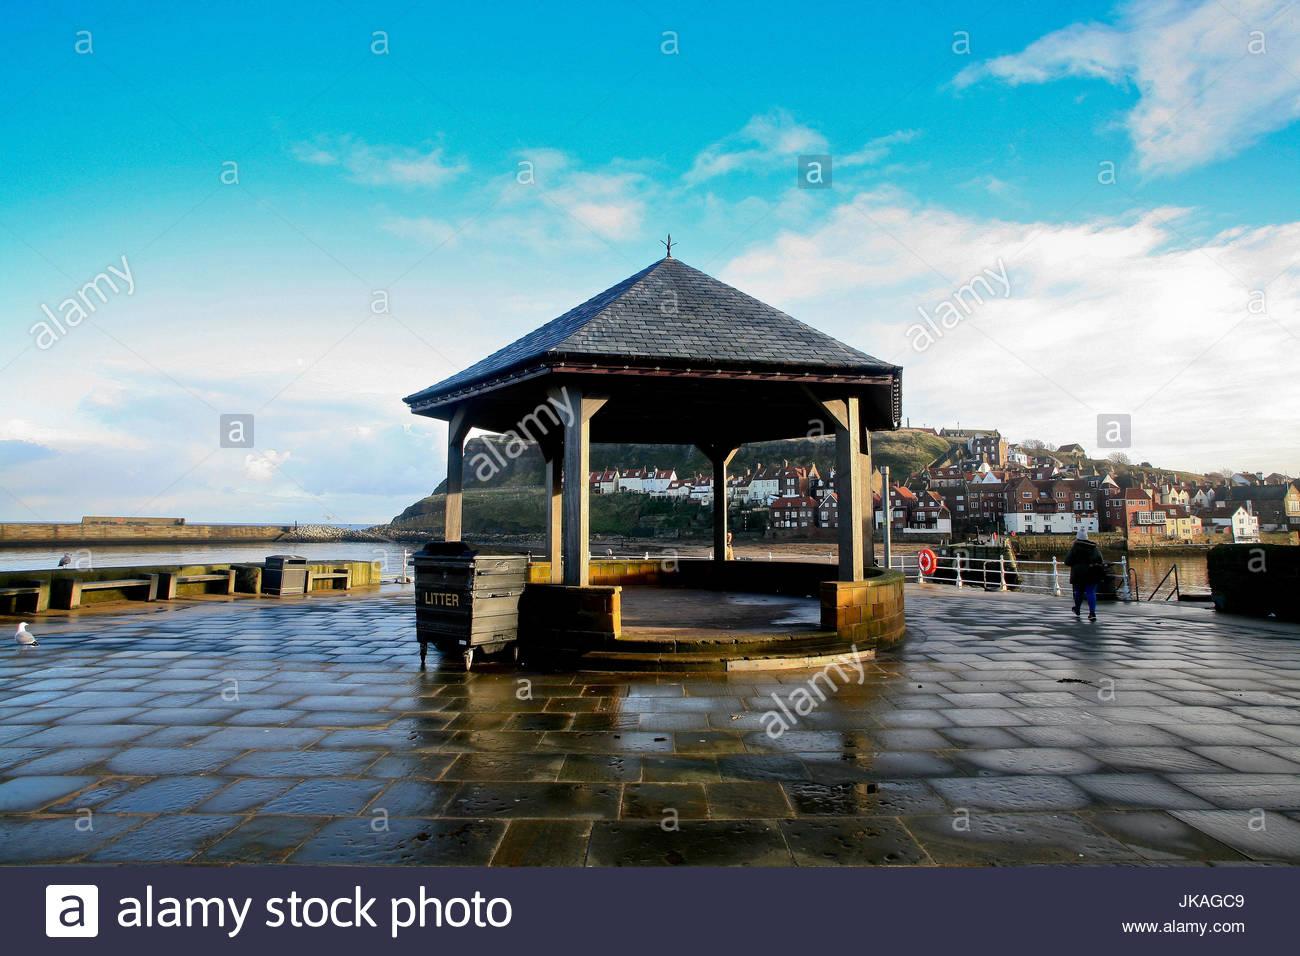 Bandstand, Whitby Promenade, Yorkshire, England, UK. - Stock Image